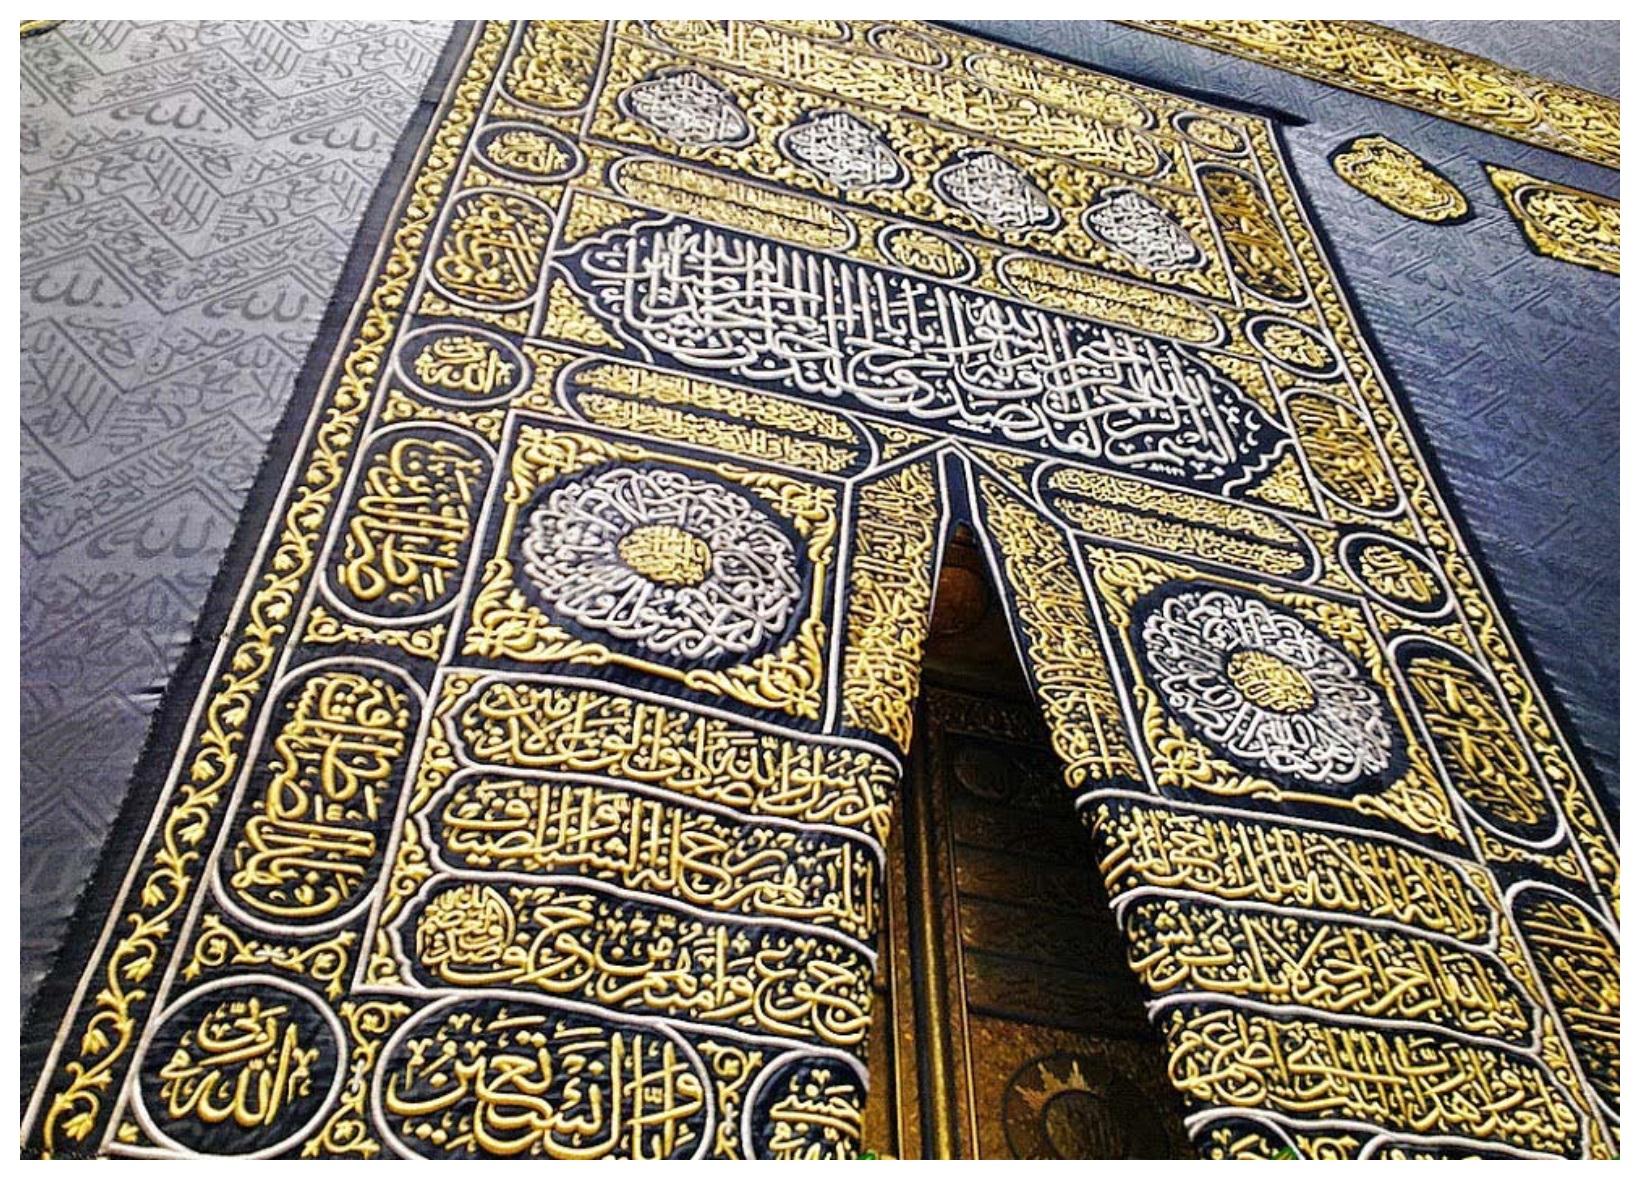 Best Islamic Hd Wallpapers For Desktop Latest Most Islamic High Definition Wallpapers For Desktop